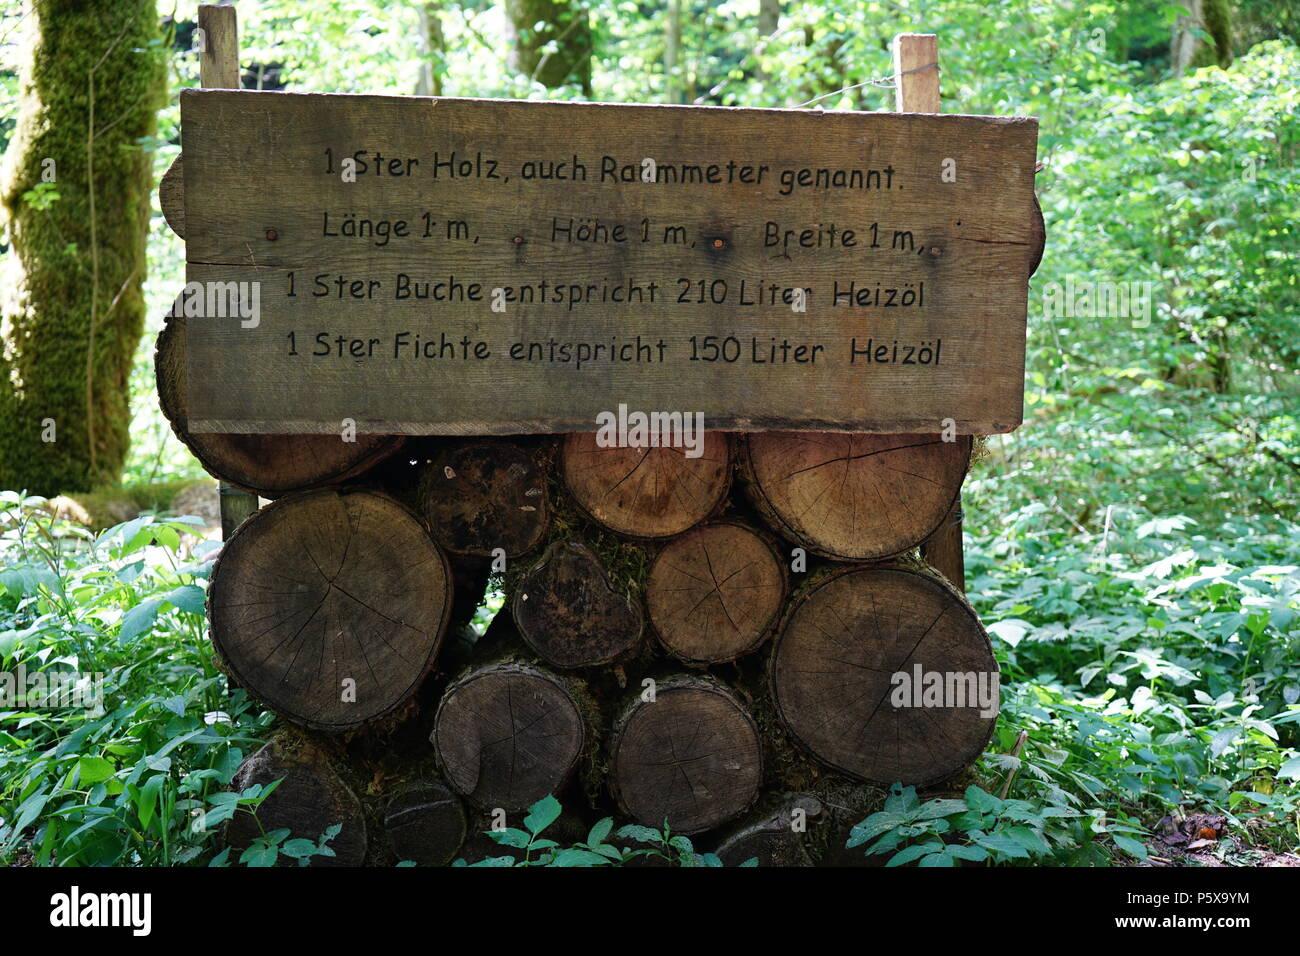 1 Ster Holz, Wanderweg durch die Gauchachschlucht, Drei-Schluchten-Wanderung, Nebenschlucht der Wutachschlucht, Baar, Baden Württemberg, Deutschland - Stock Image